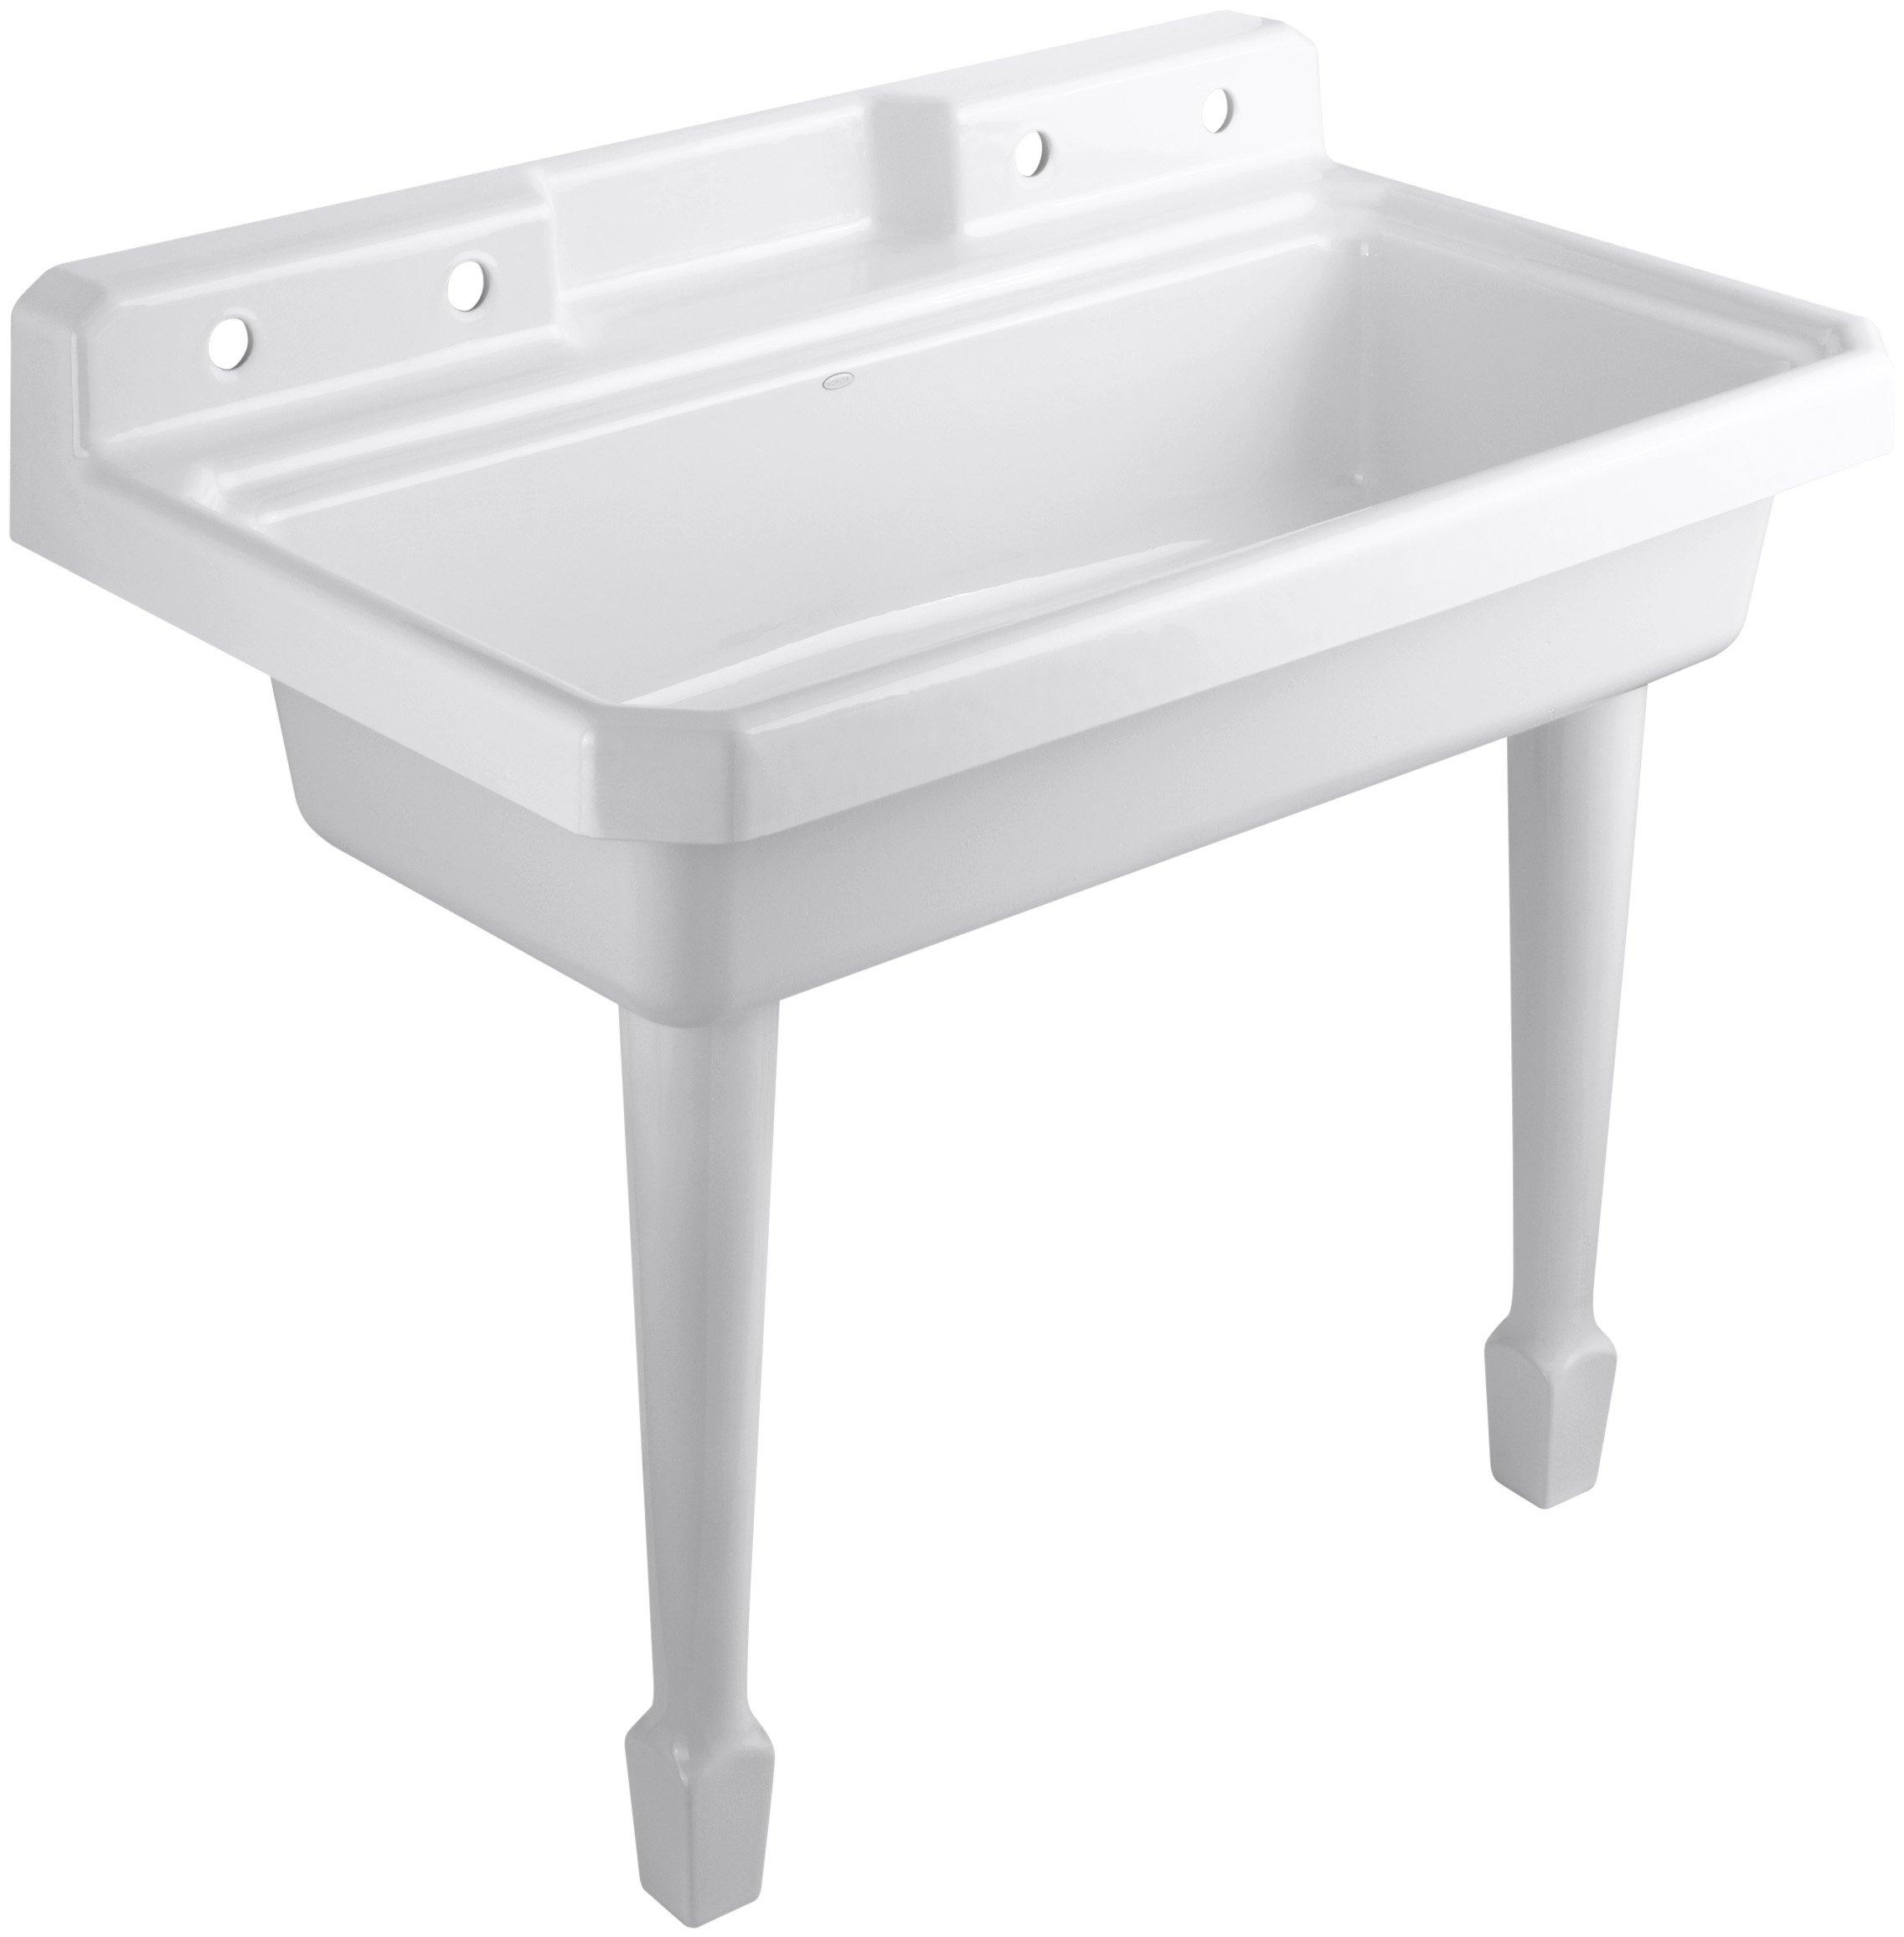 KOHLER K-6607-4-0 Harborview Self-Rimming or Wall-Mount Utility Sink, White